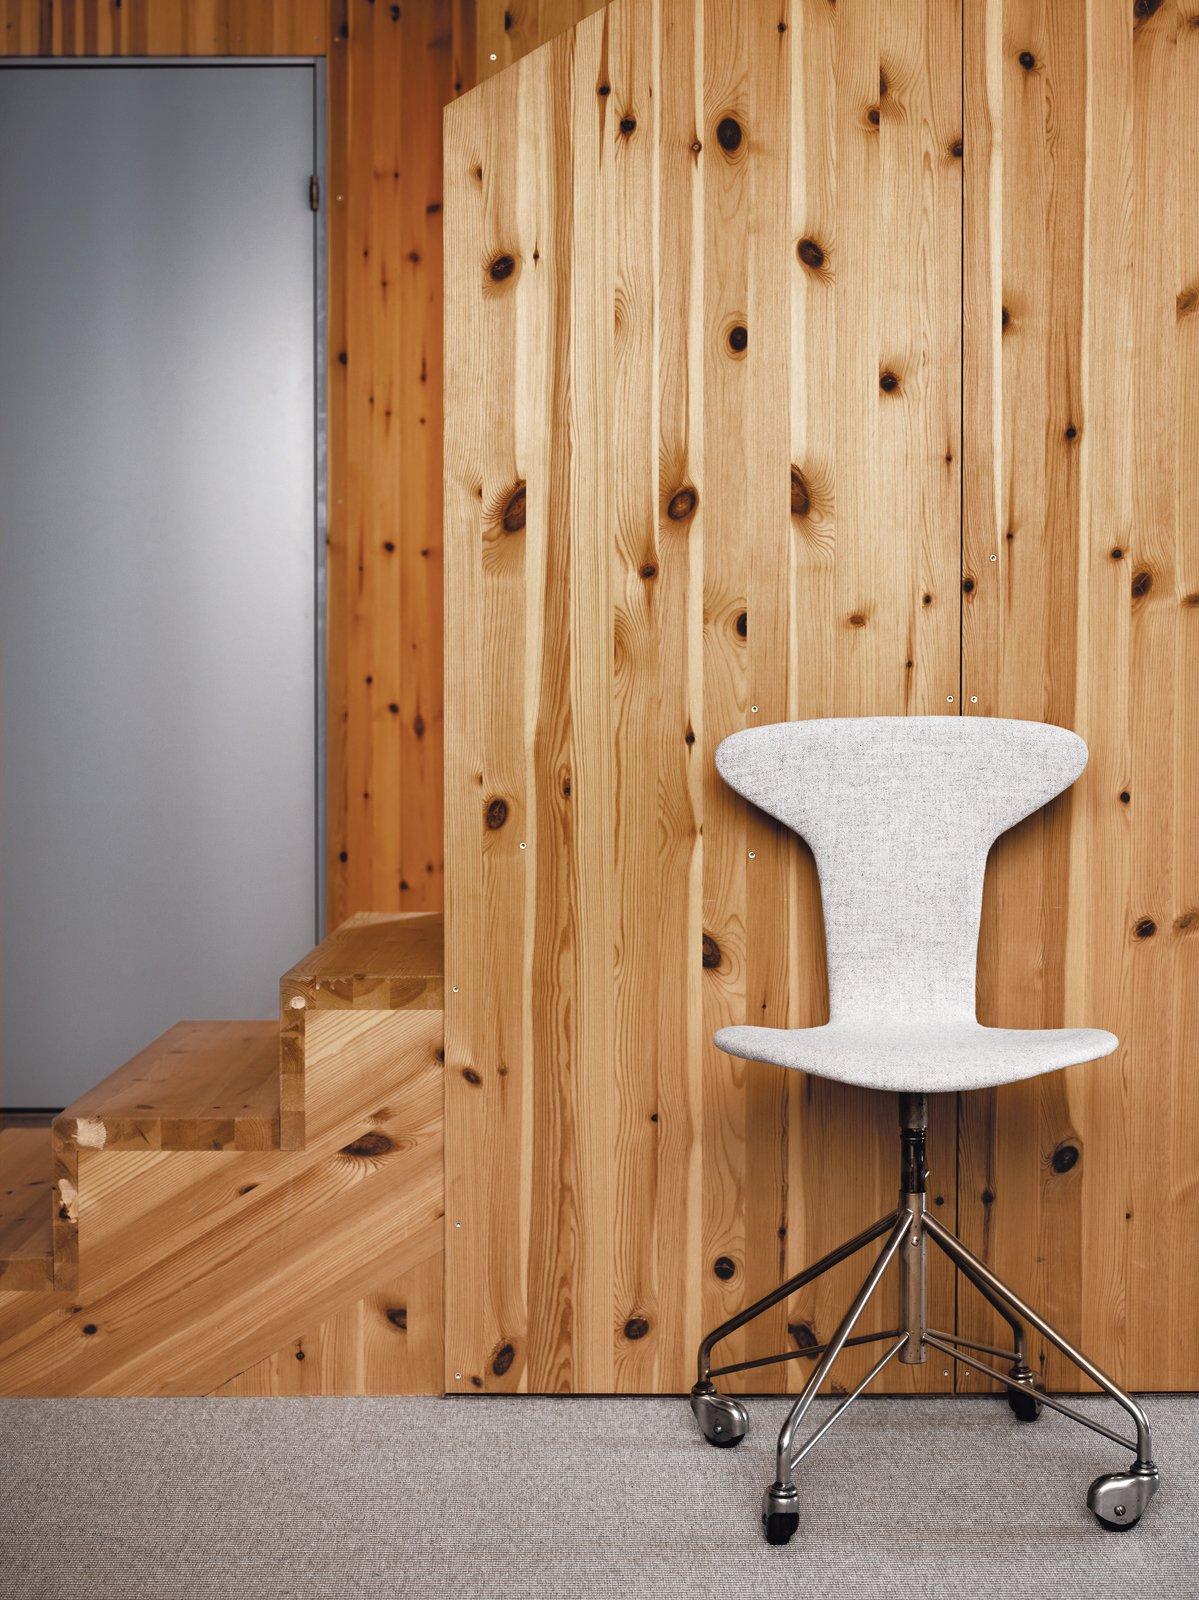 #seatingdesign #chair #wood #modern #pine #stairs #Sweden #BornsteinArkitekter #interior #inside  100+ Best Modern Seating Designs by Dwell